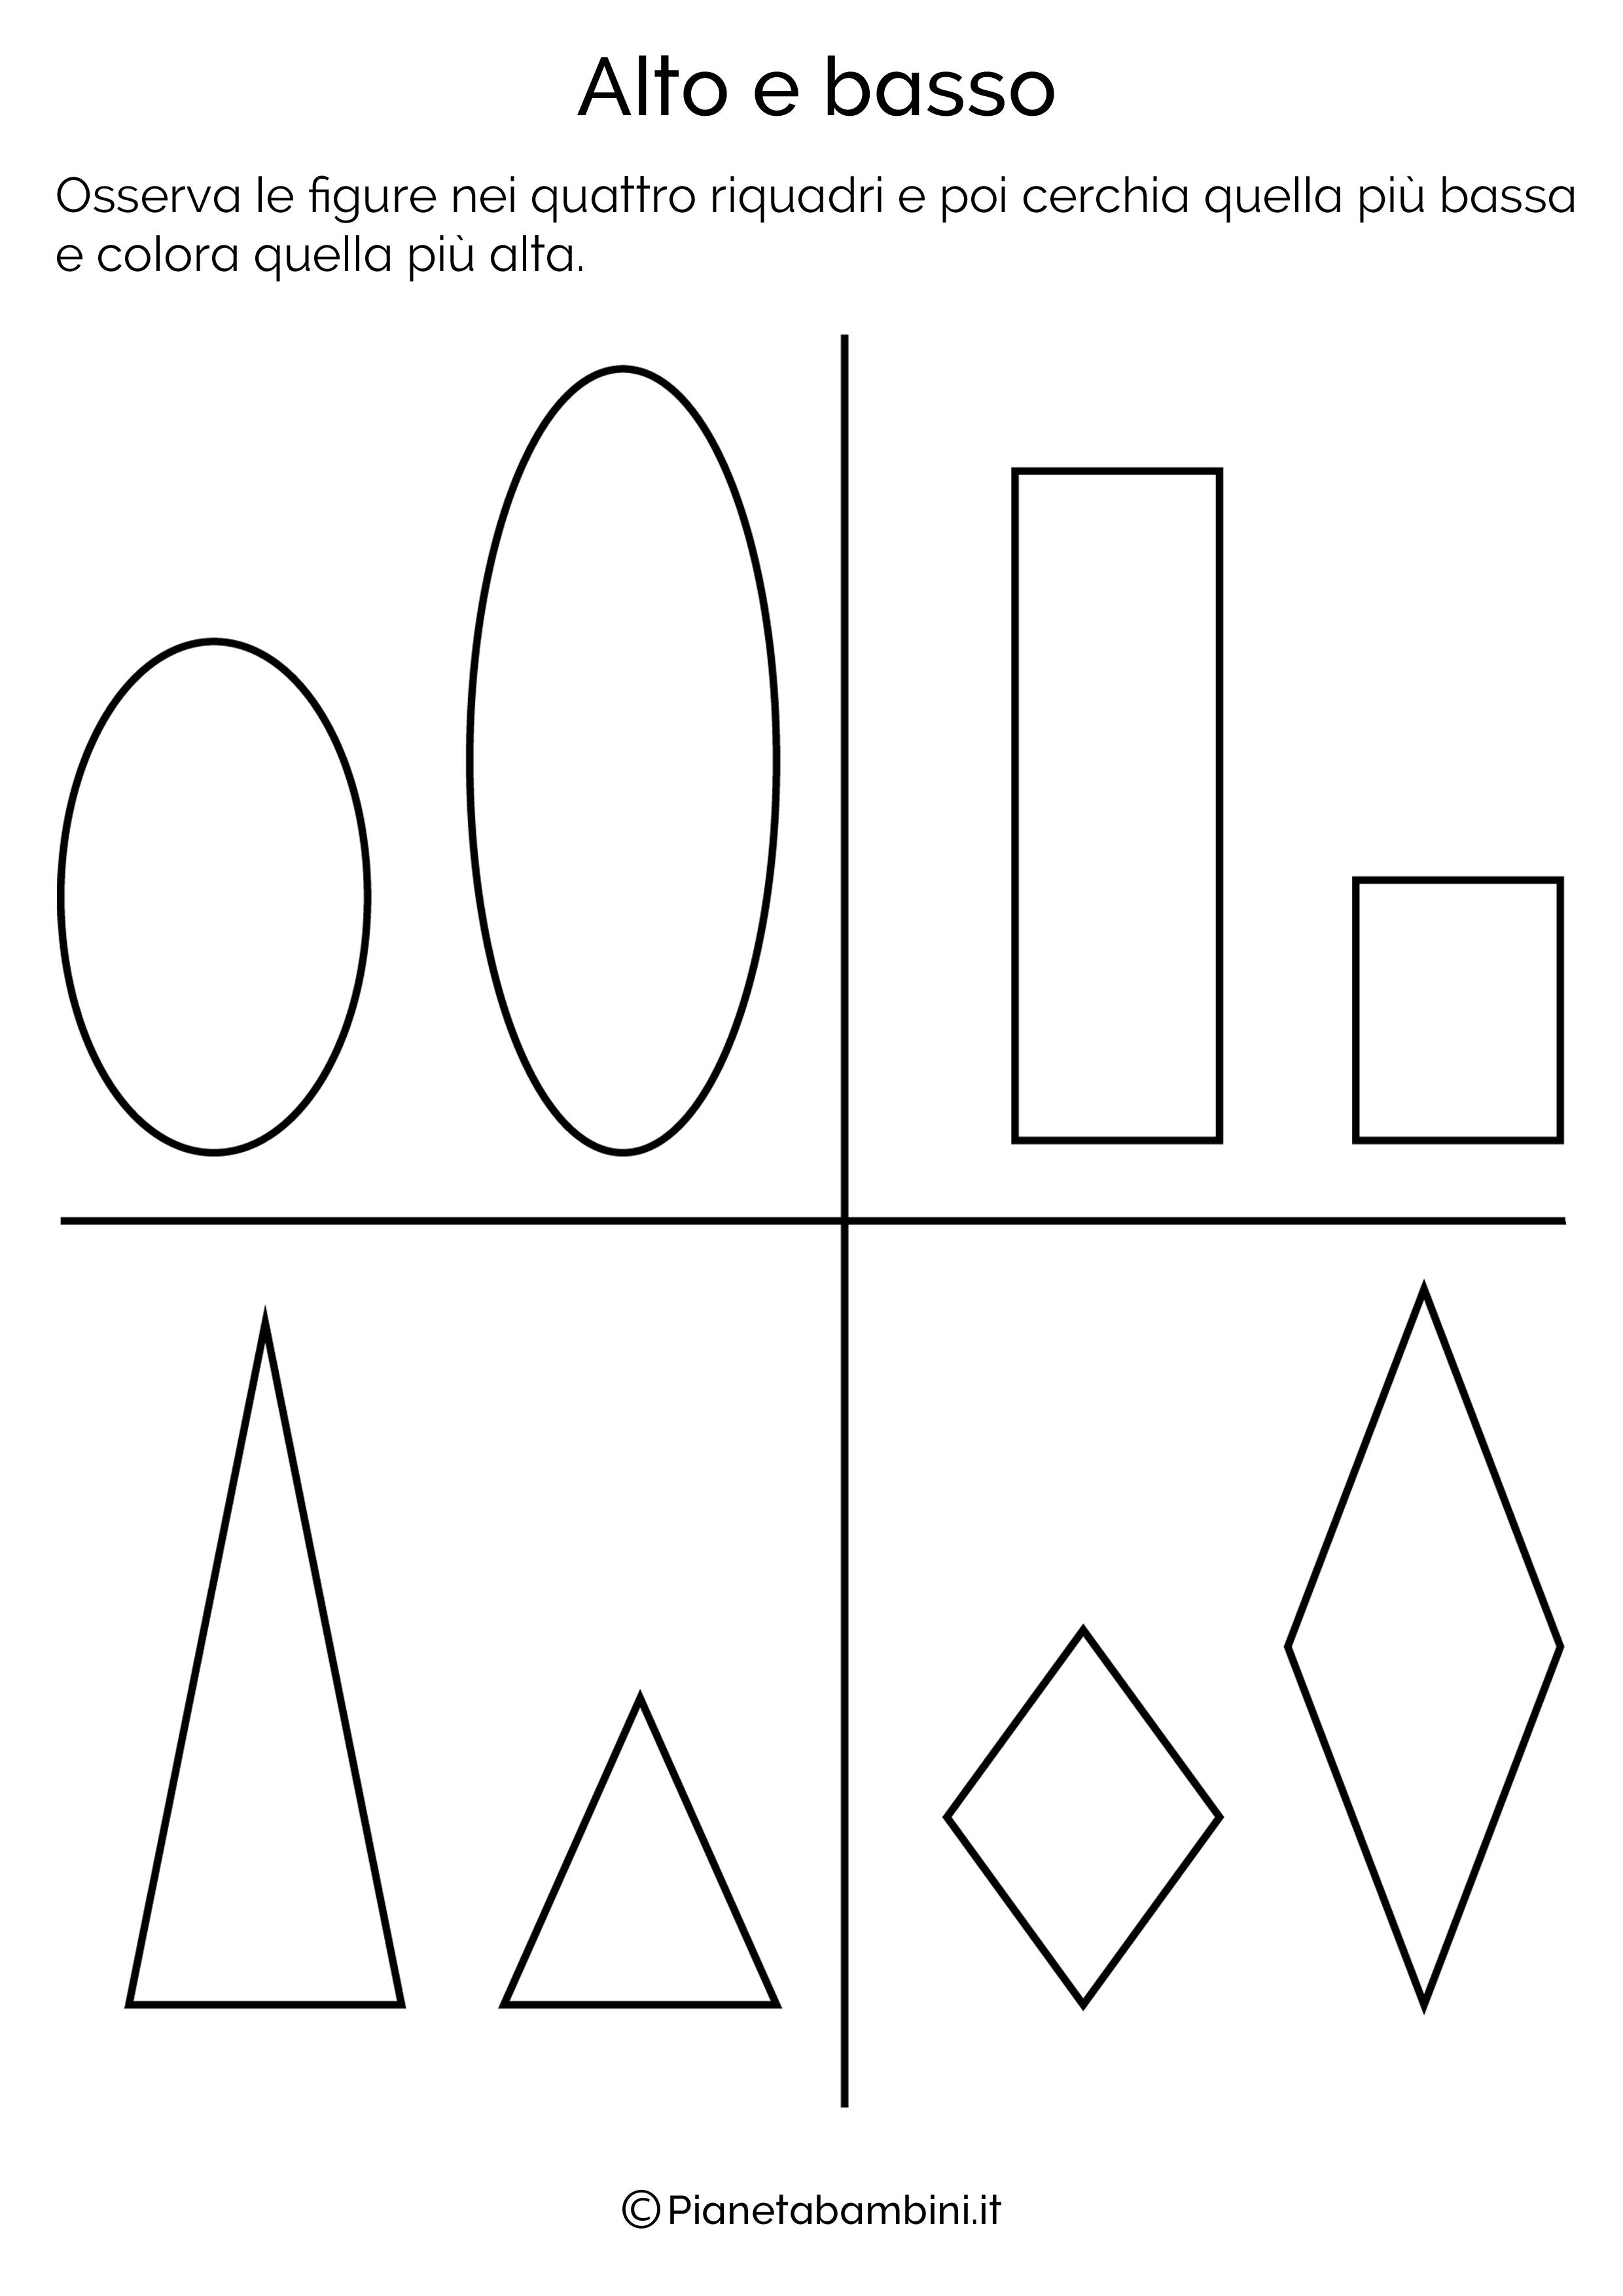 Esercizi-Oggetti-Alti-Bassi-3